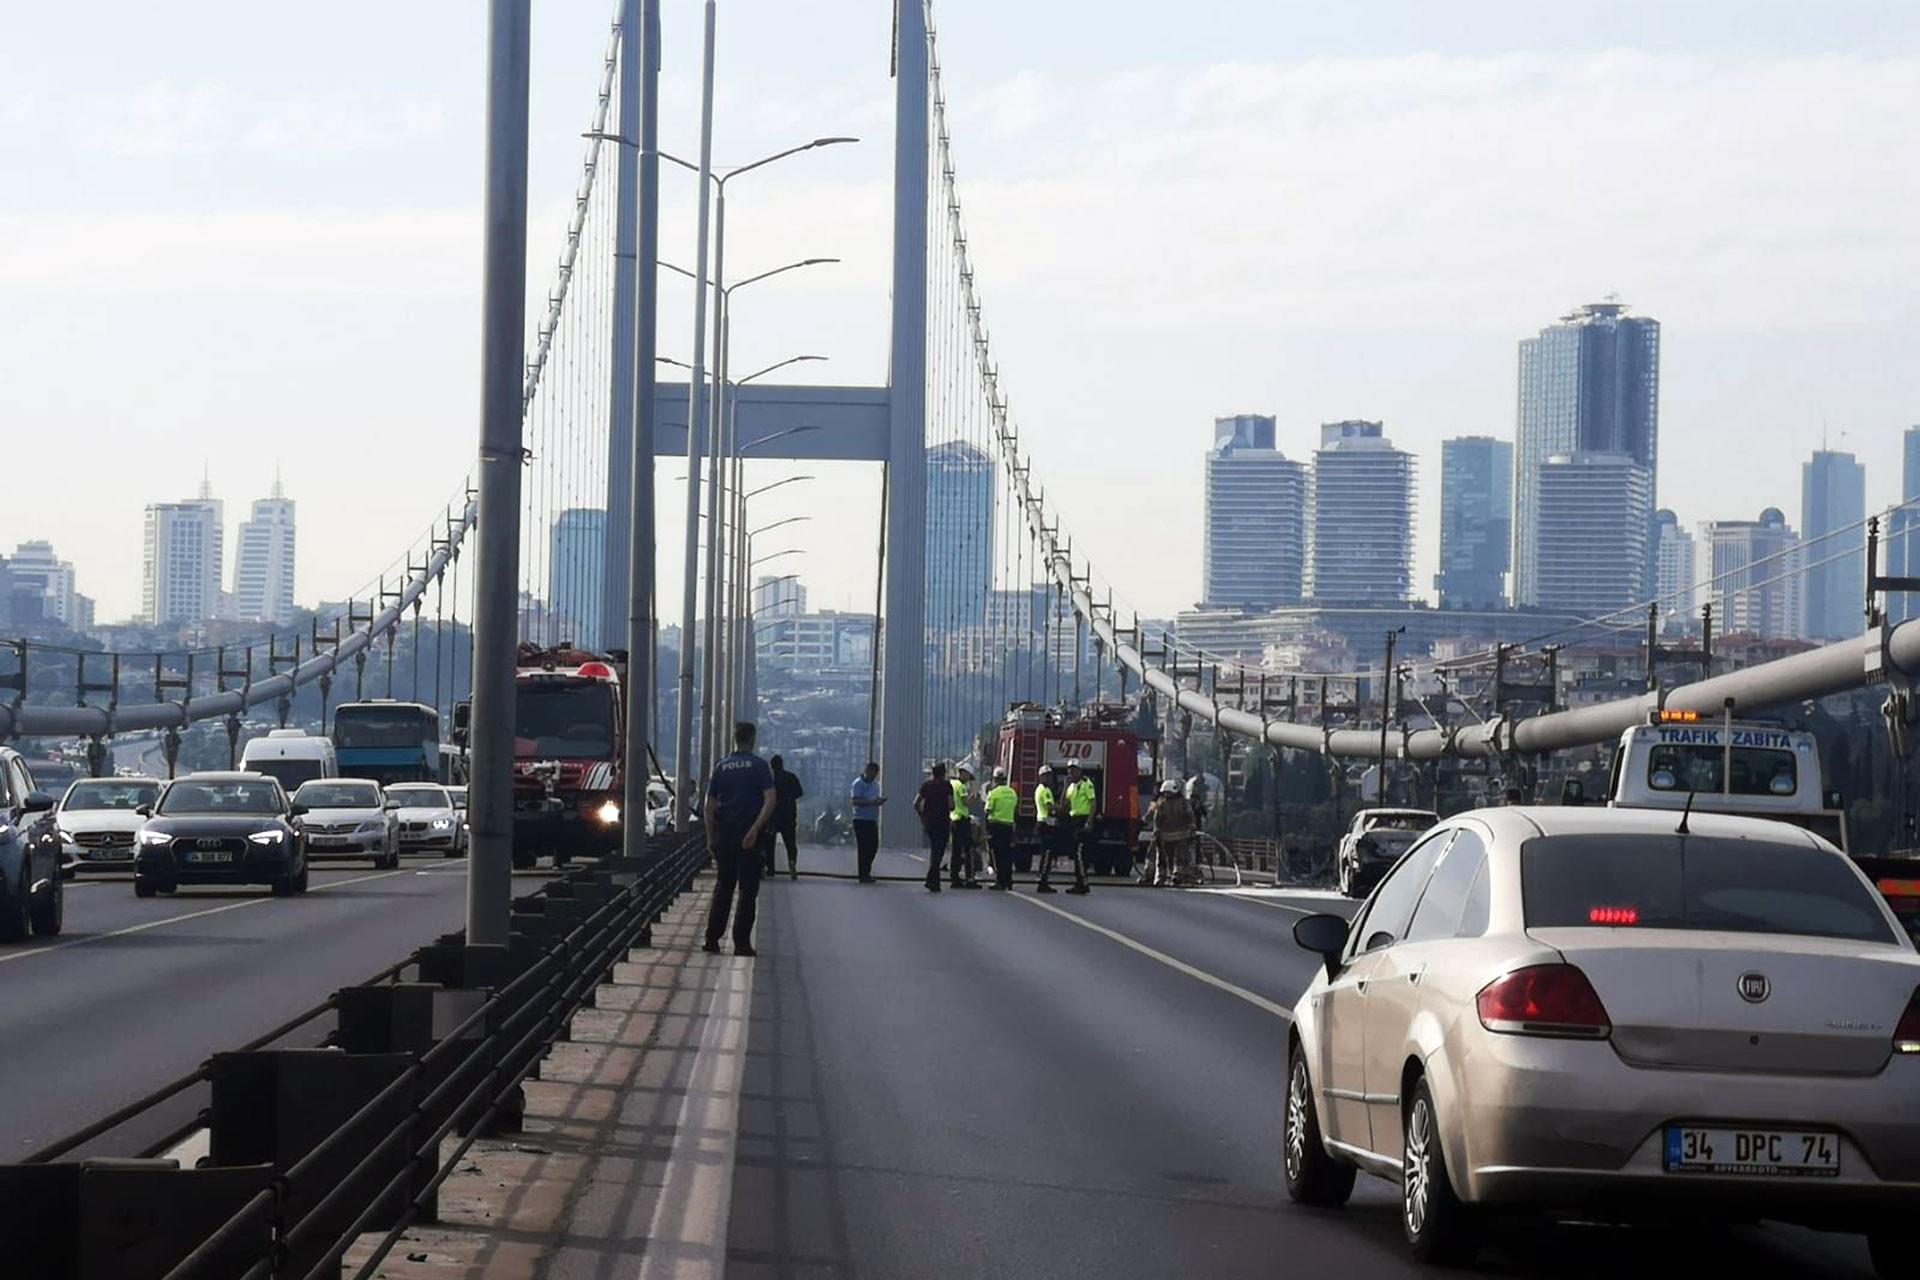 Köprüde otomobilini yakan bir kişi daha sonra intihar etti